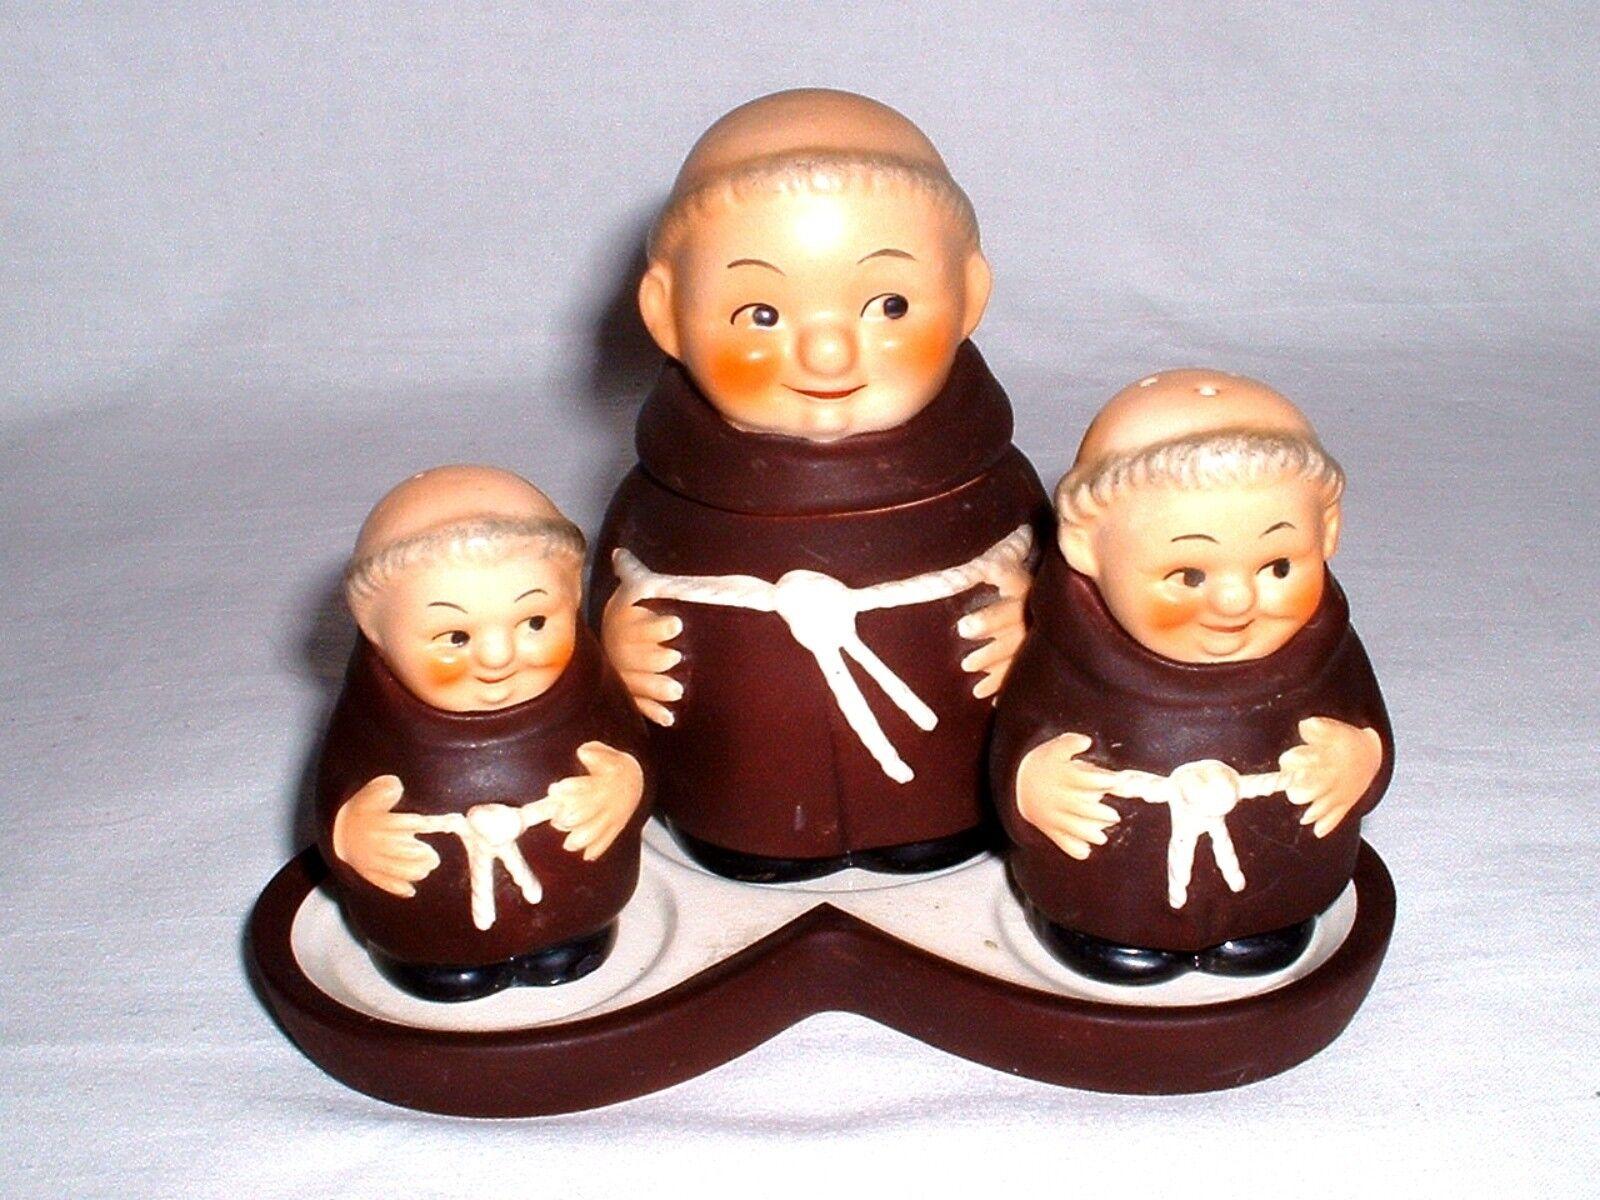 4 tlg Set Salz,Pfeffer,Senftopf und Servierplatte die Mönche von Goebel Goebel Goebel um 1965 c27631